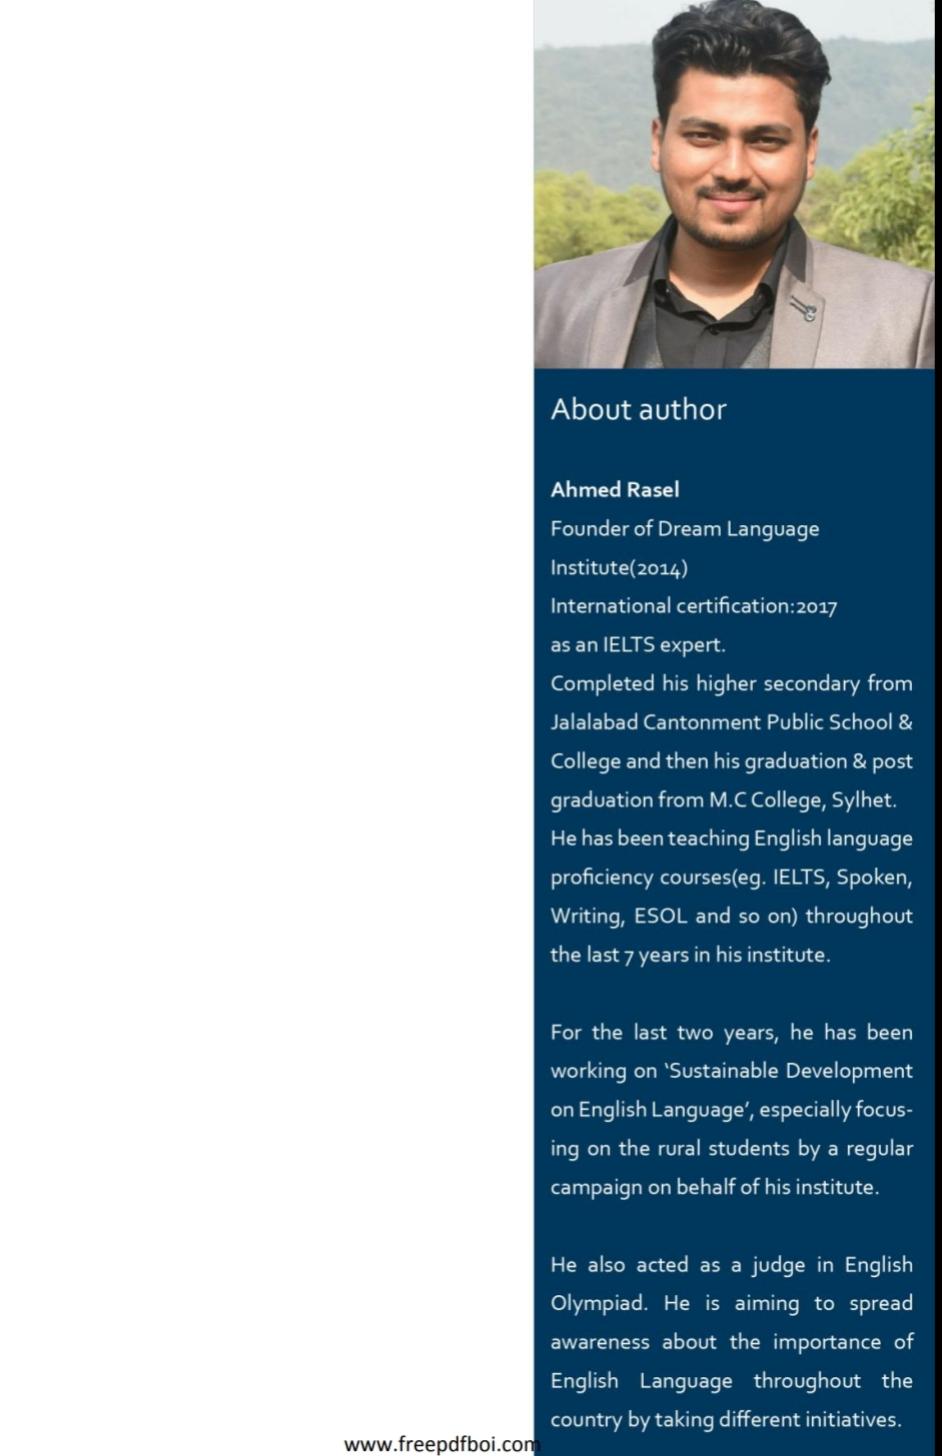 ইজি এন্ড স্মার্ট স্পোকেন ইংলিশ -  আহমেদ রাসেল PDF Book Free Download